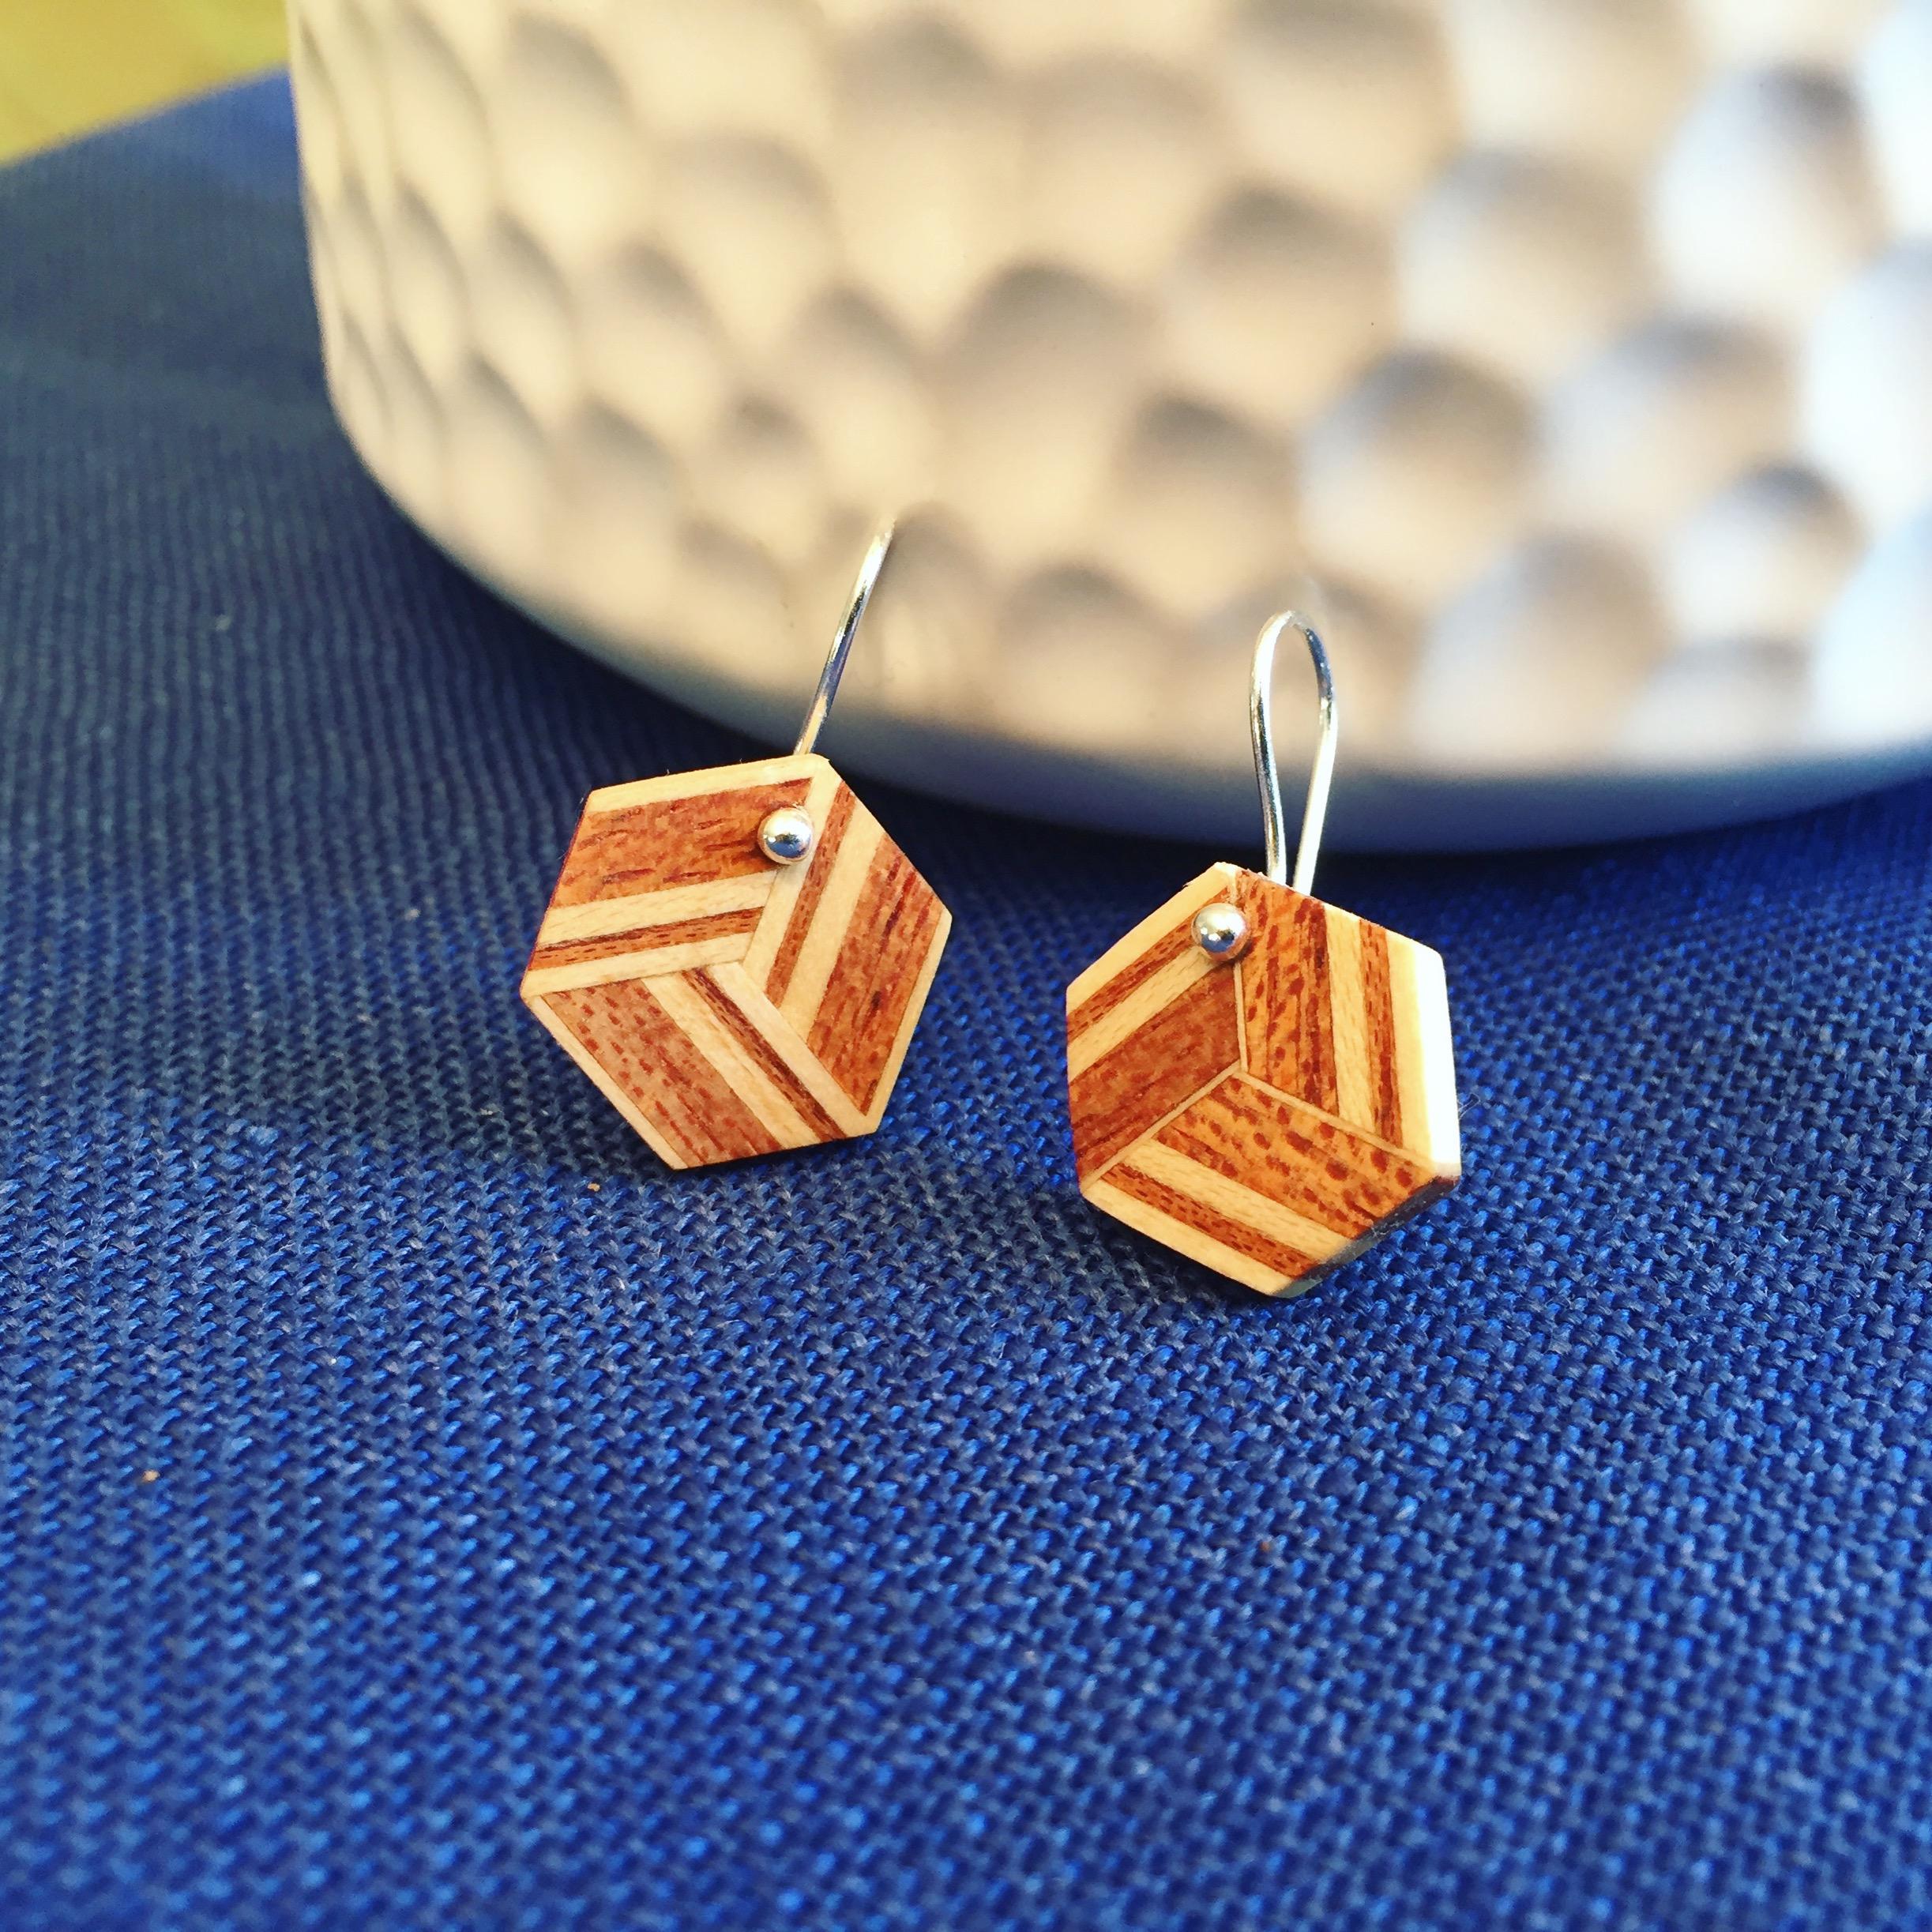 Mahogany and Maple Teselation Earrings